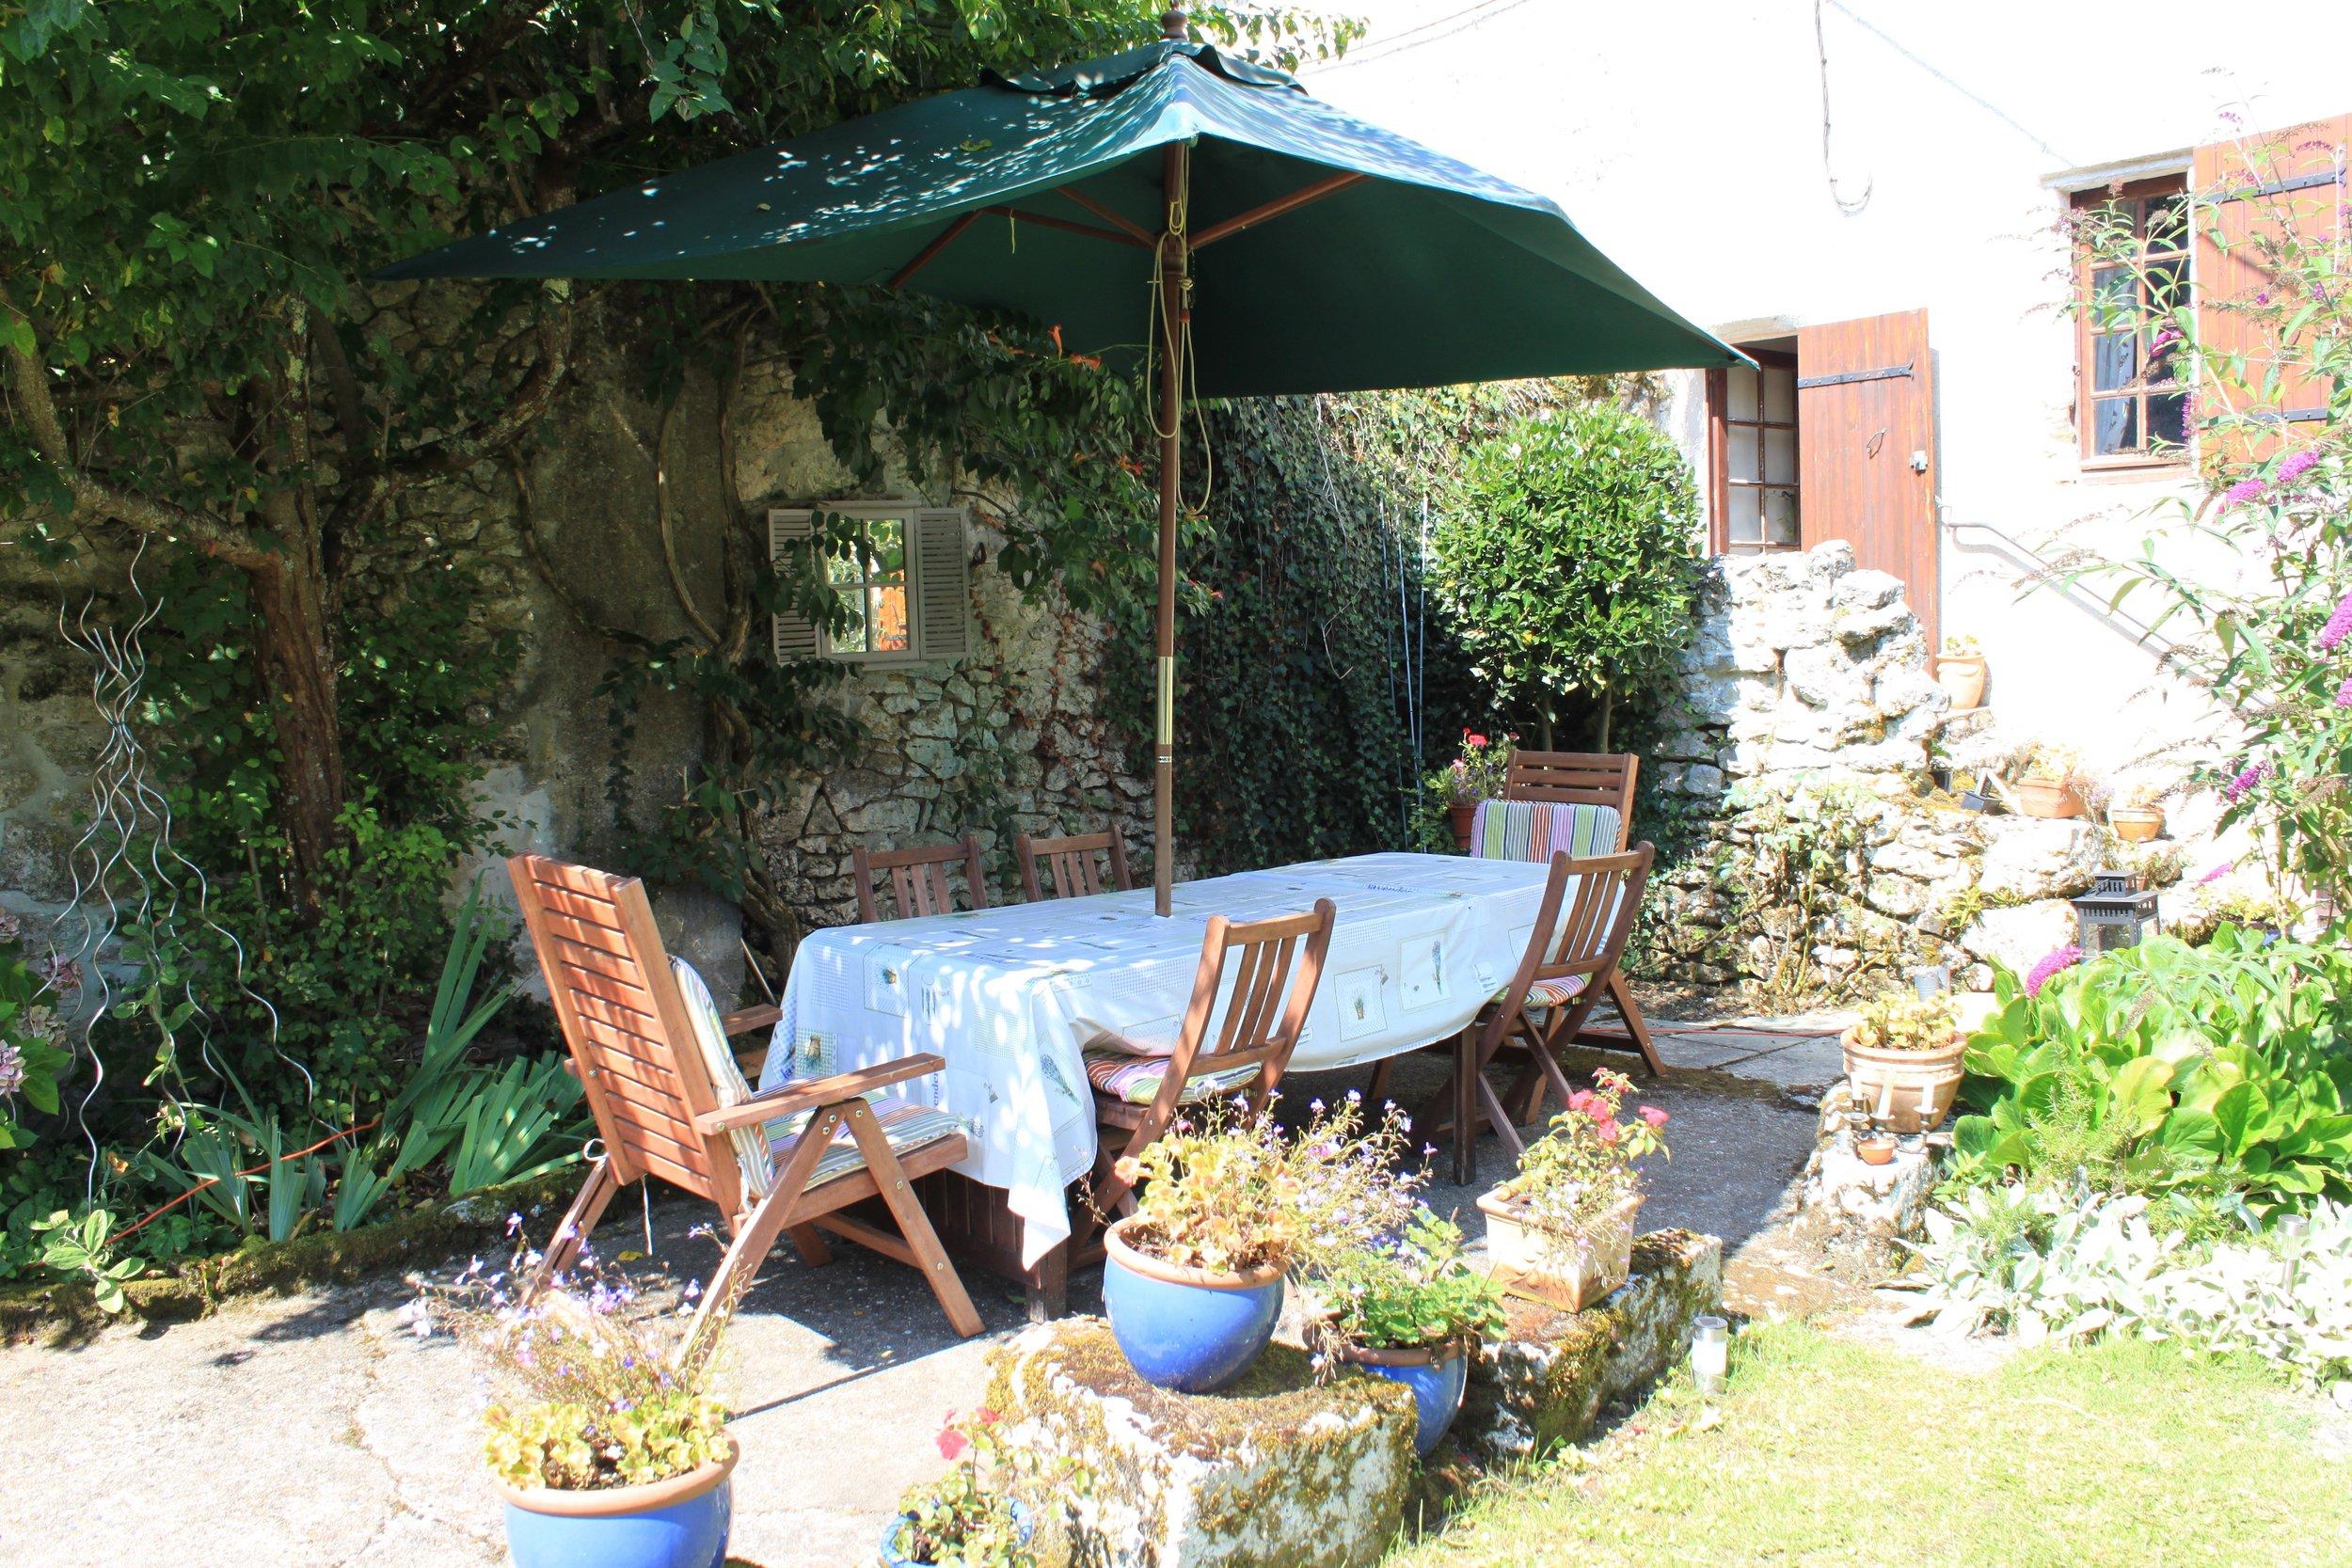 Family garden tables